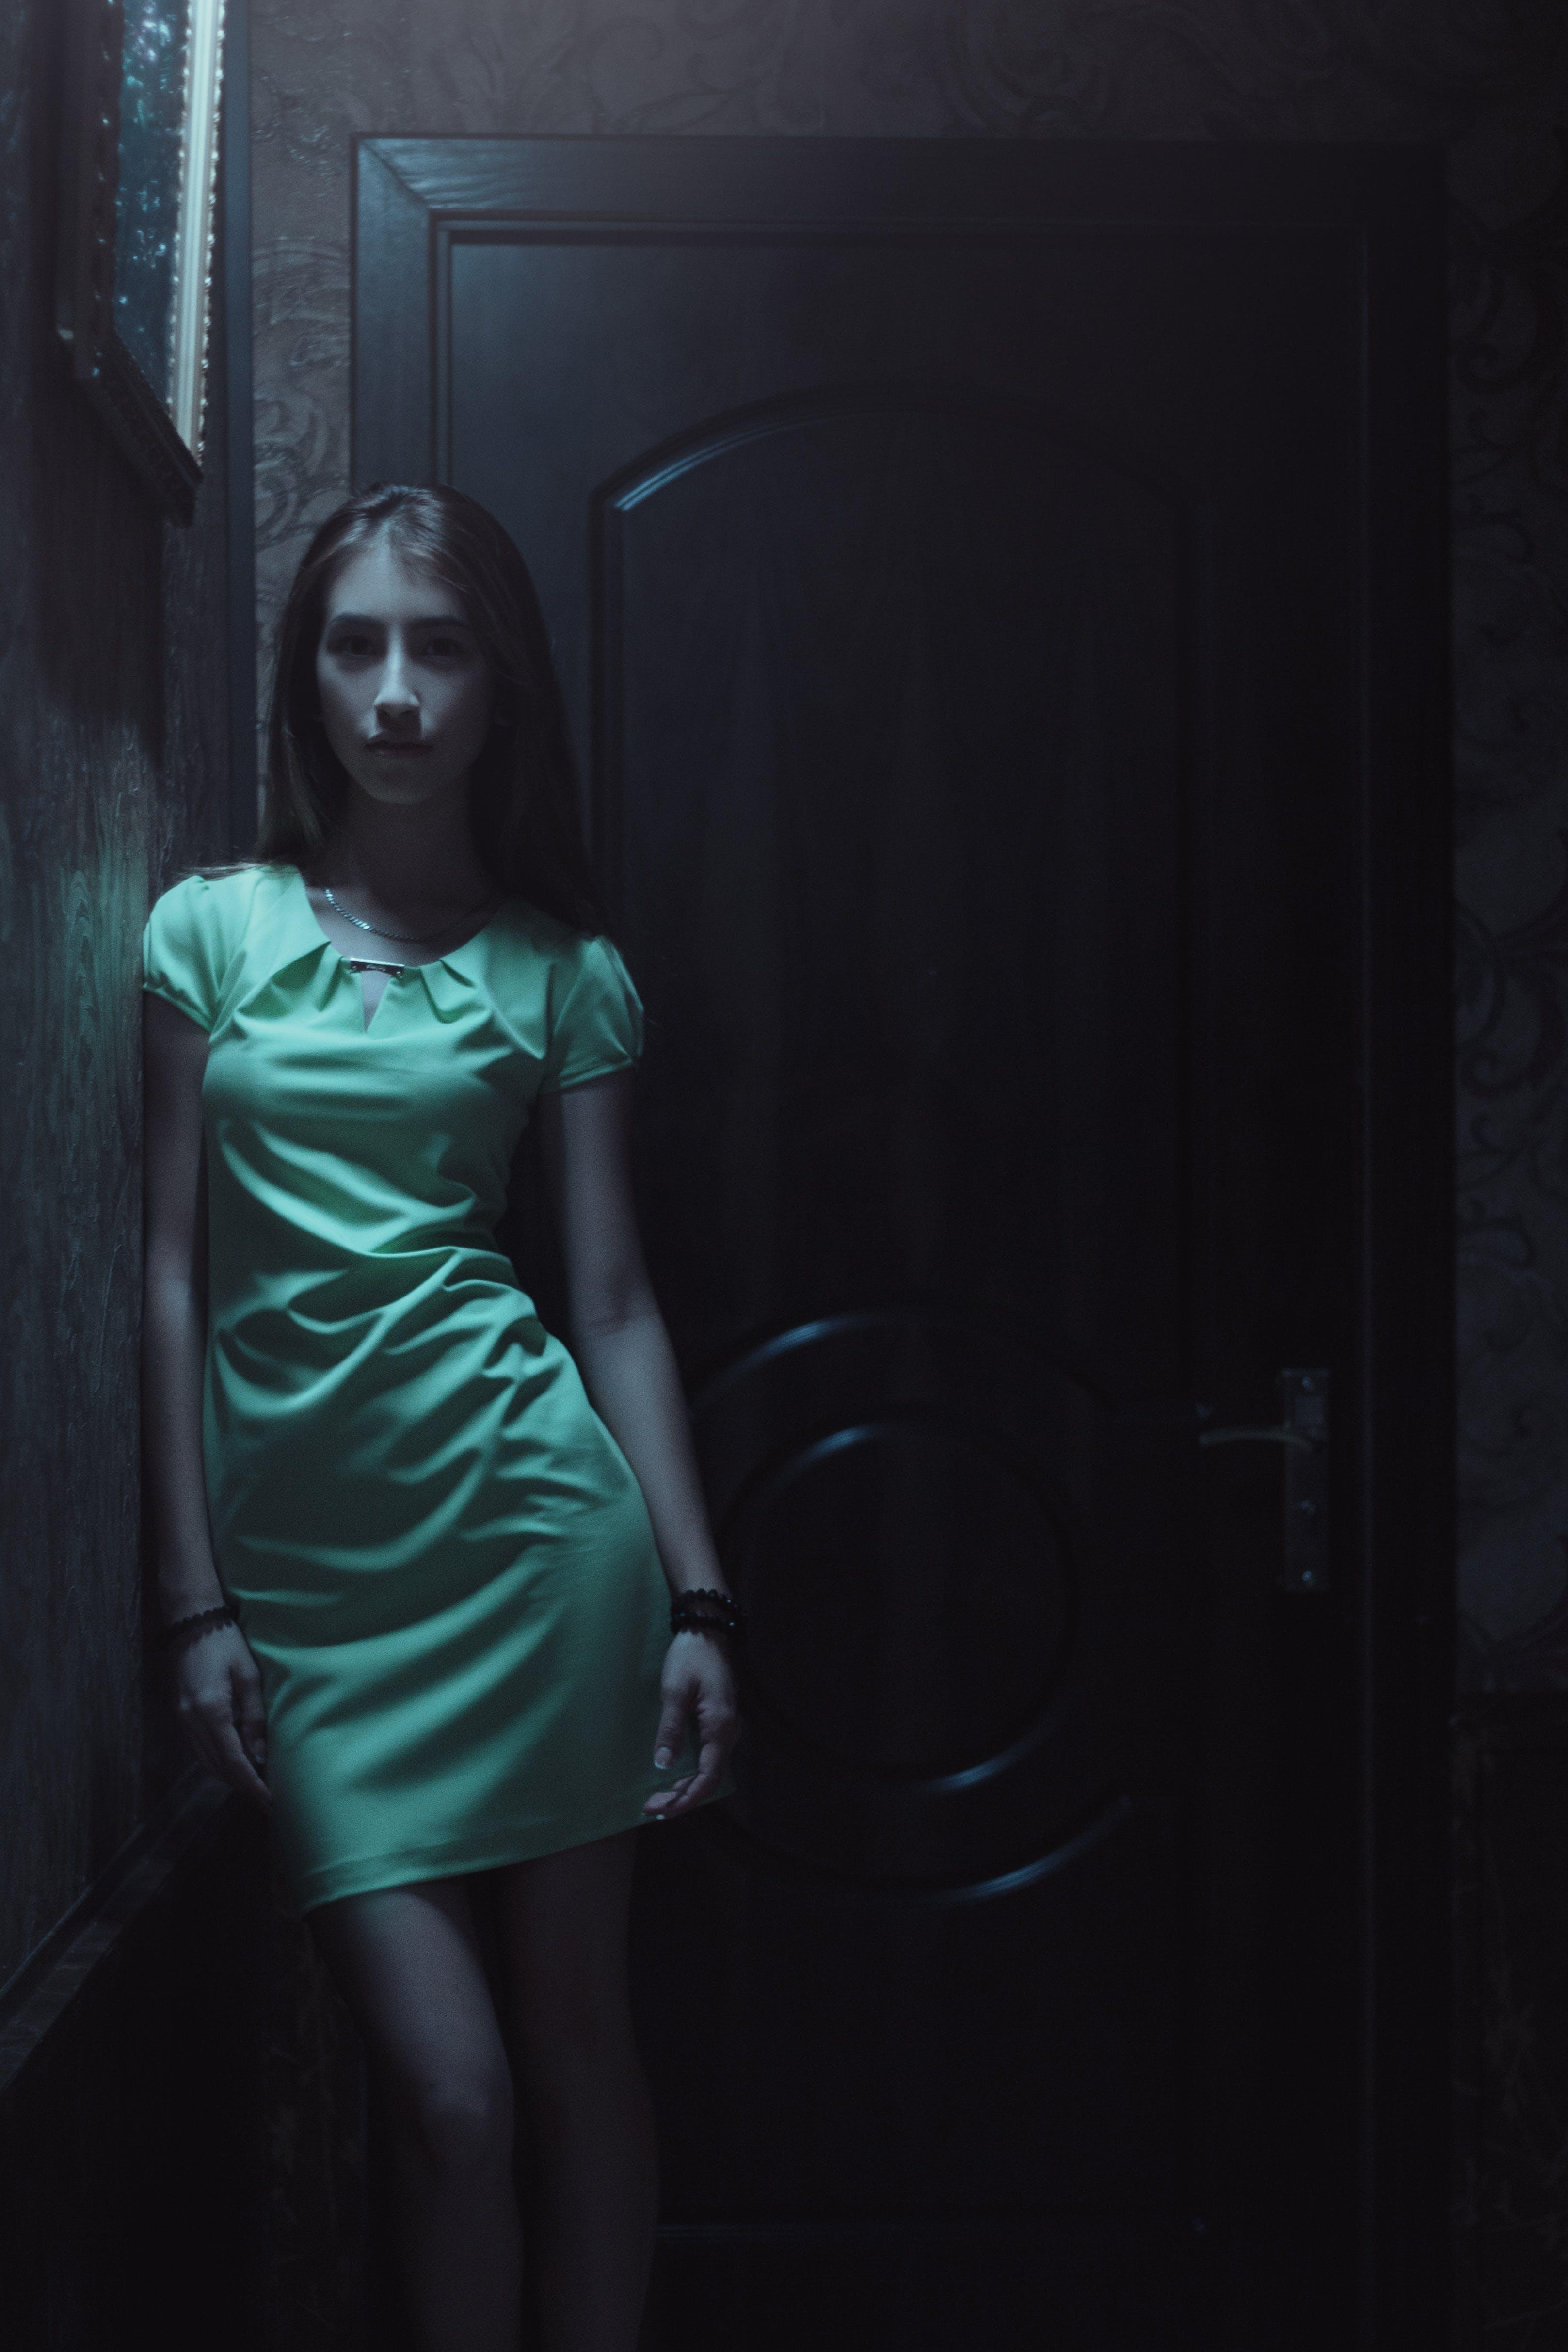 Woman in Green Dress Standing Near Door